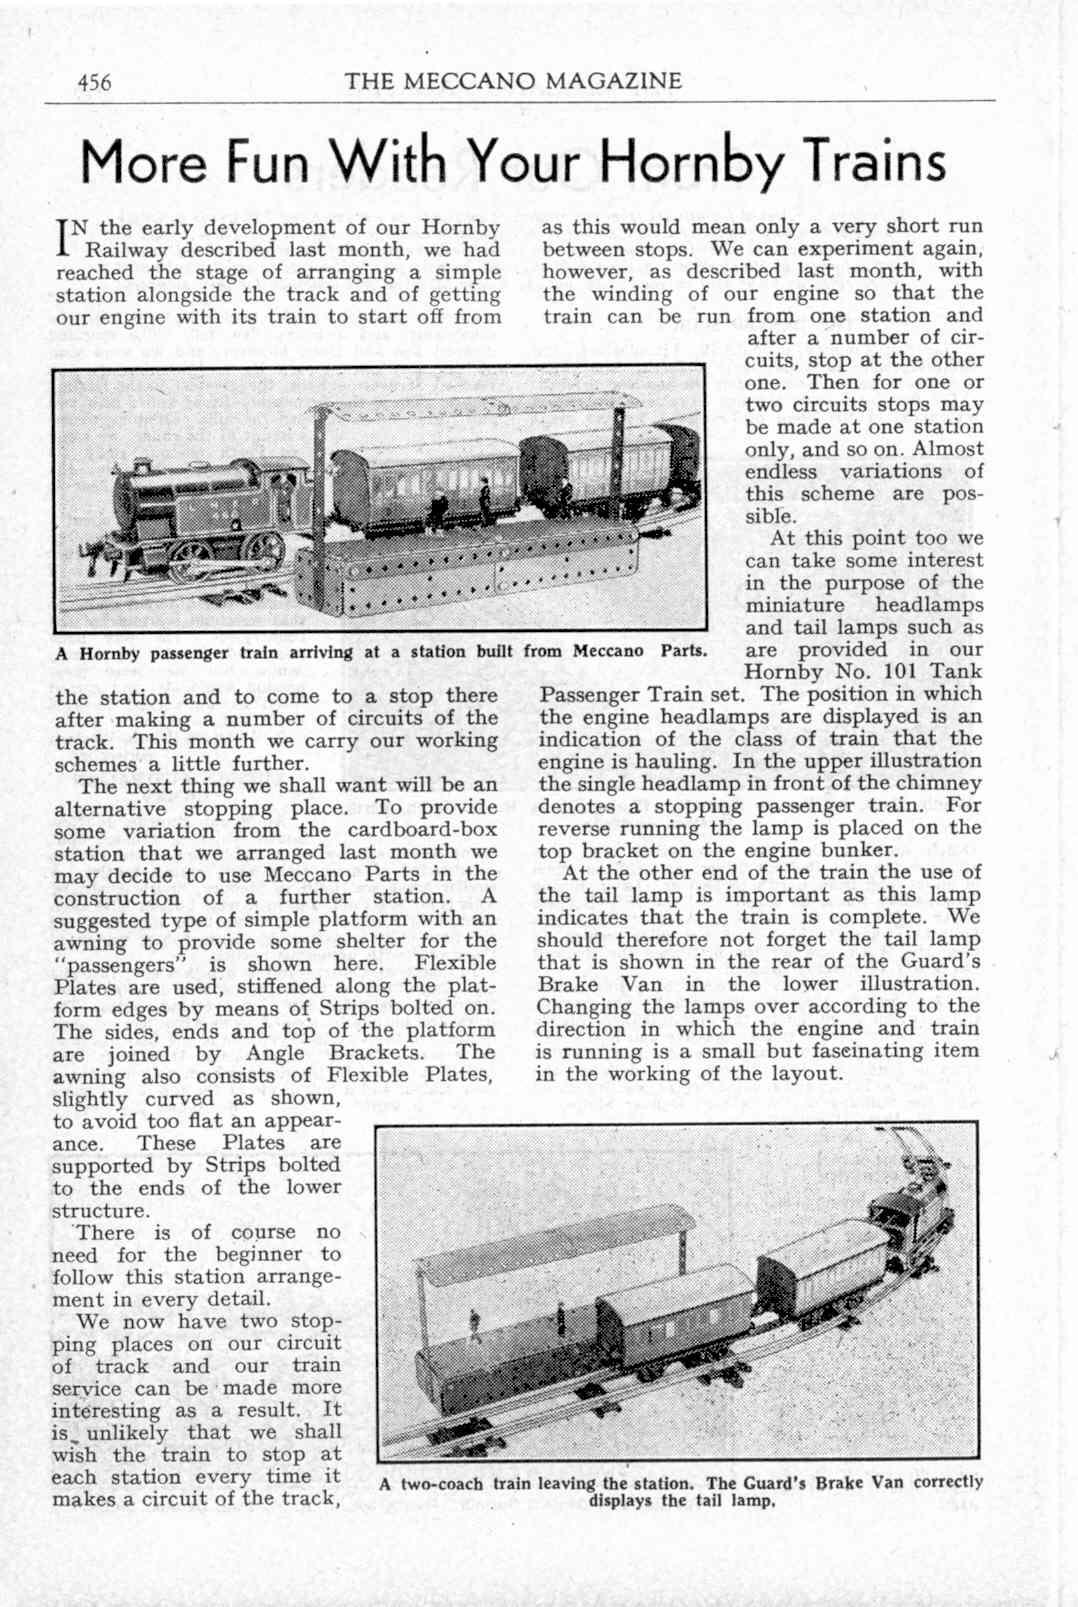 UK Meccano Magazine November 1947 Page 456